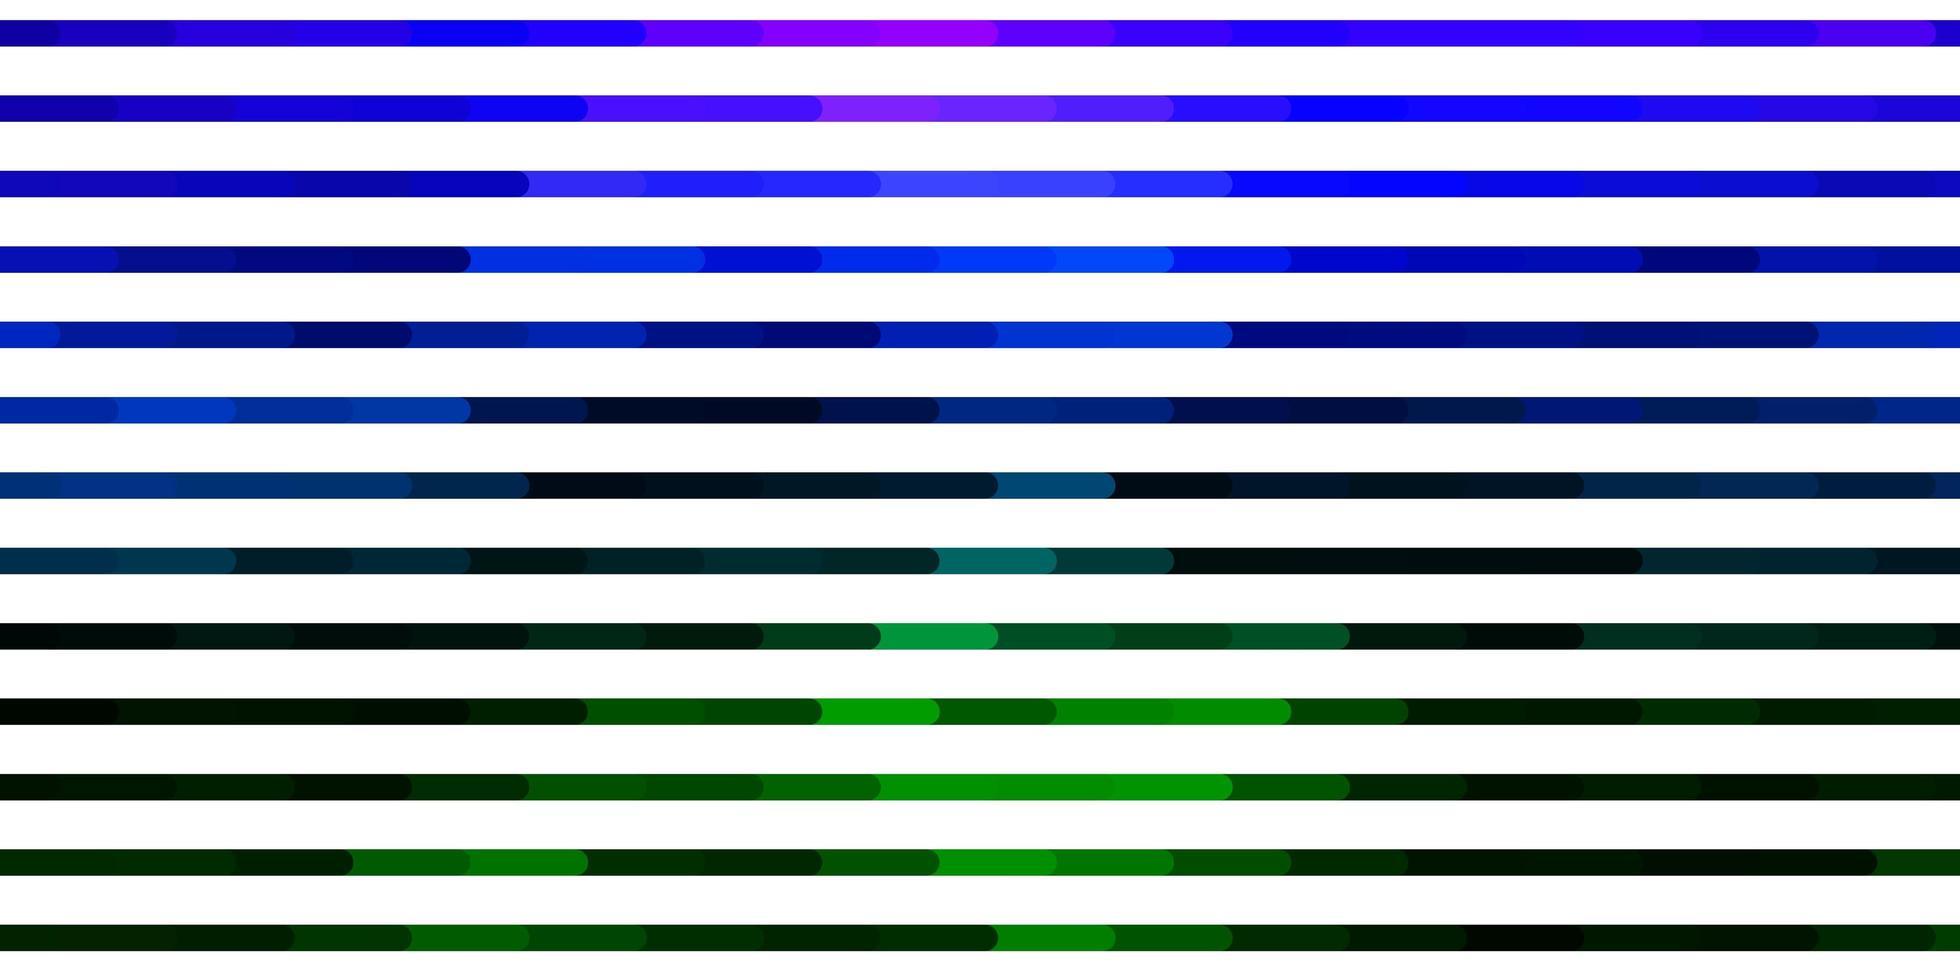 donker veelkleurig vectorpatroon met lijnen. vector